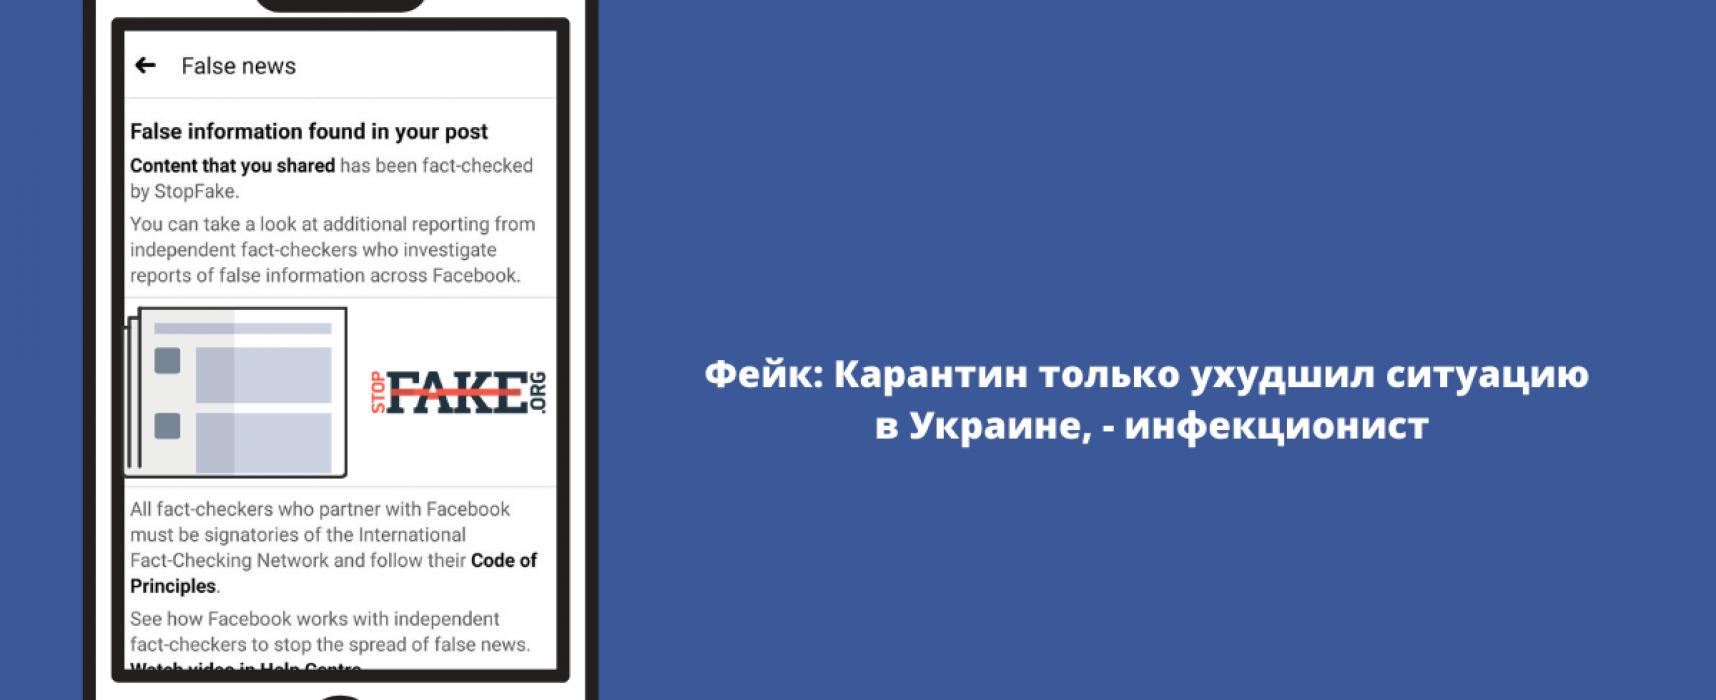 Фейк: Карантин тільки погіршив ситуацію в Україні – інфекціоністка